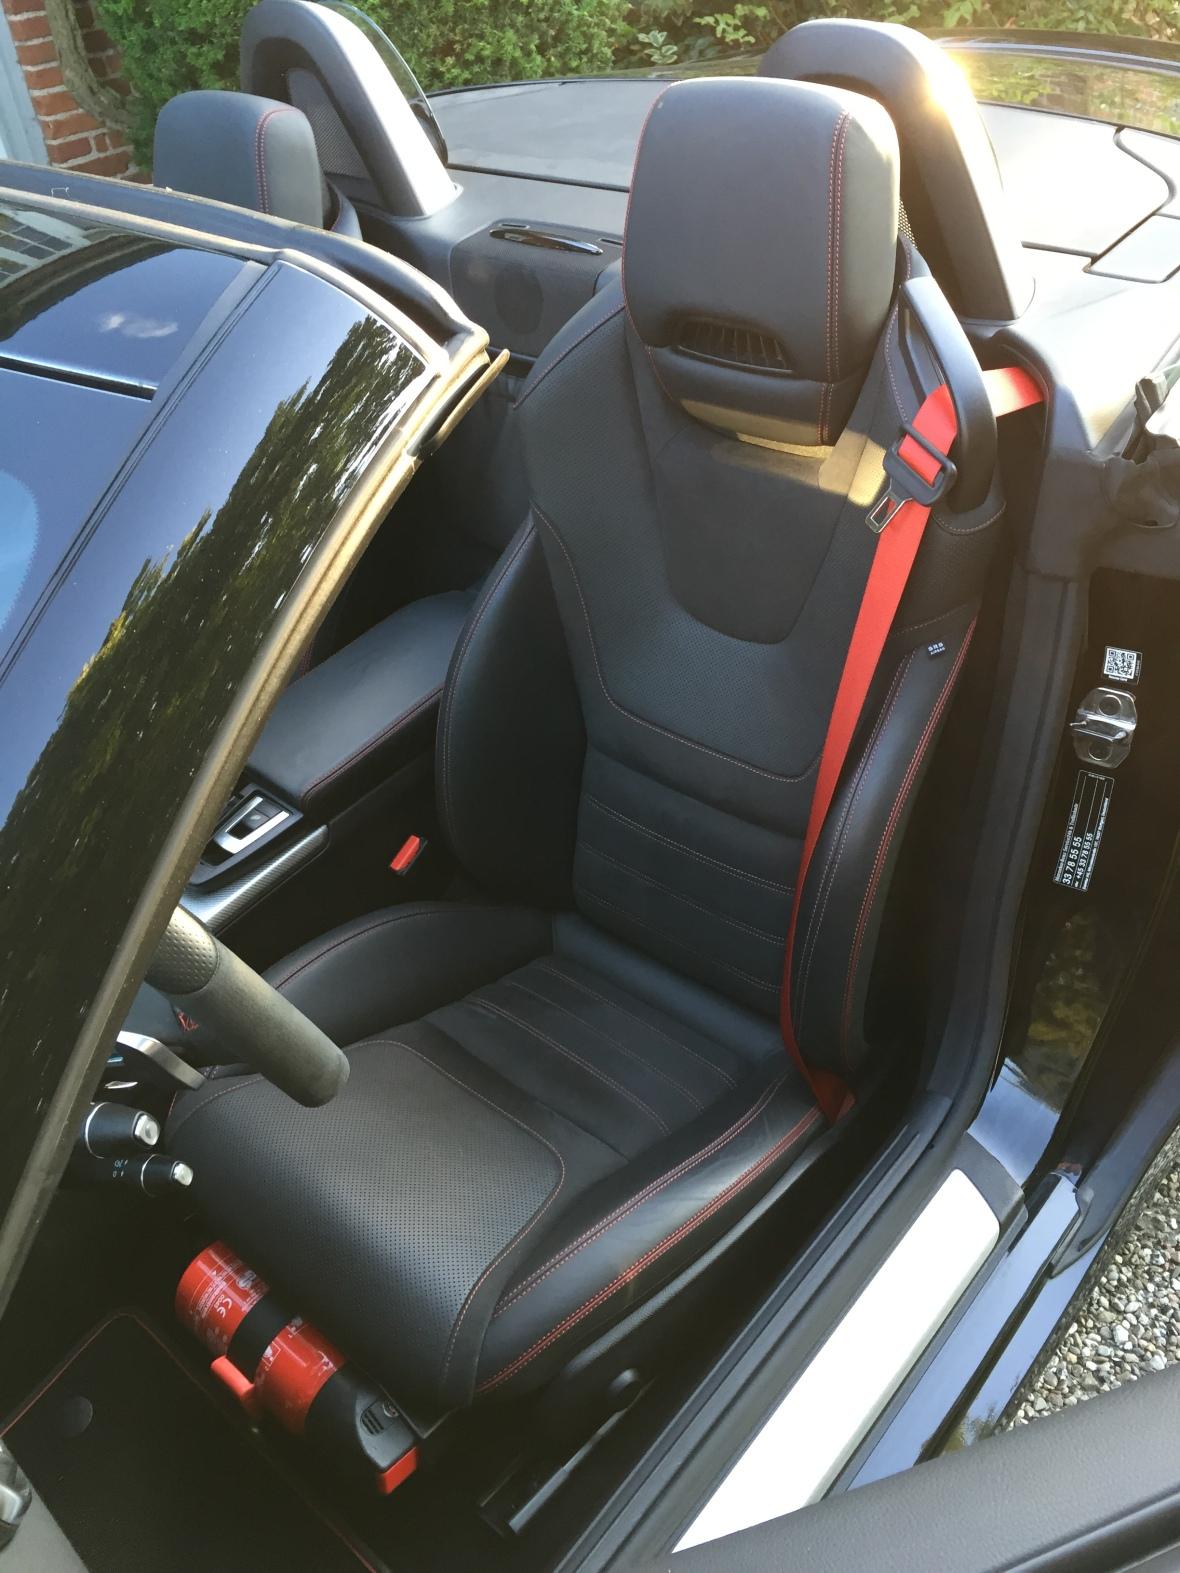 Sportssæderne er fremragende, og for at give AMG-modellen lidt ekstra drama, er der monteret en ildslukker foran sædet.